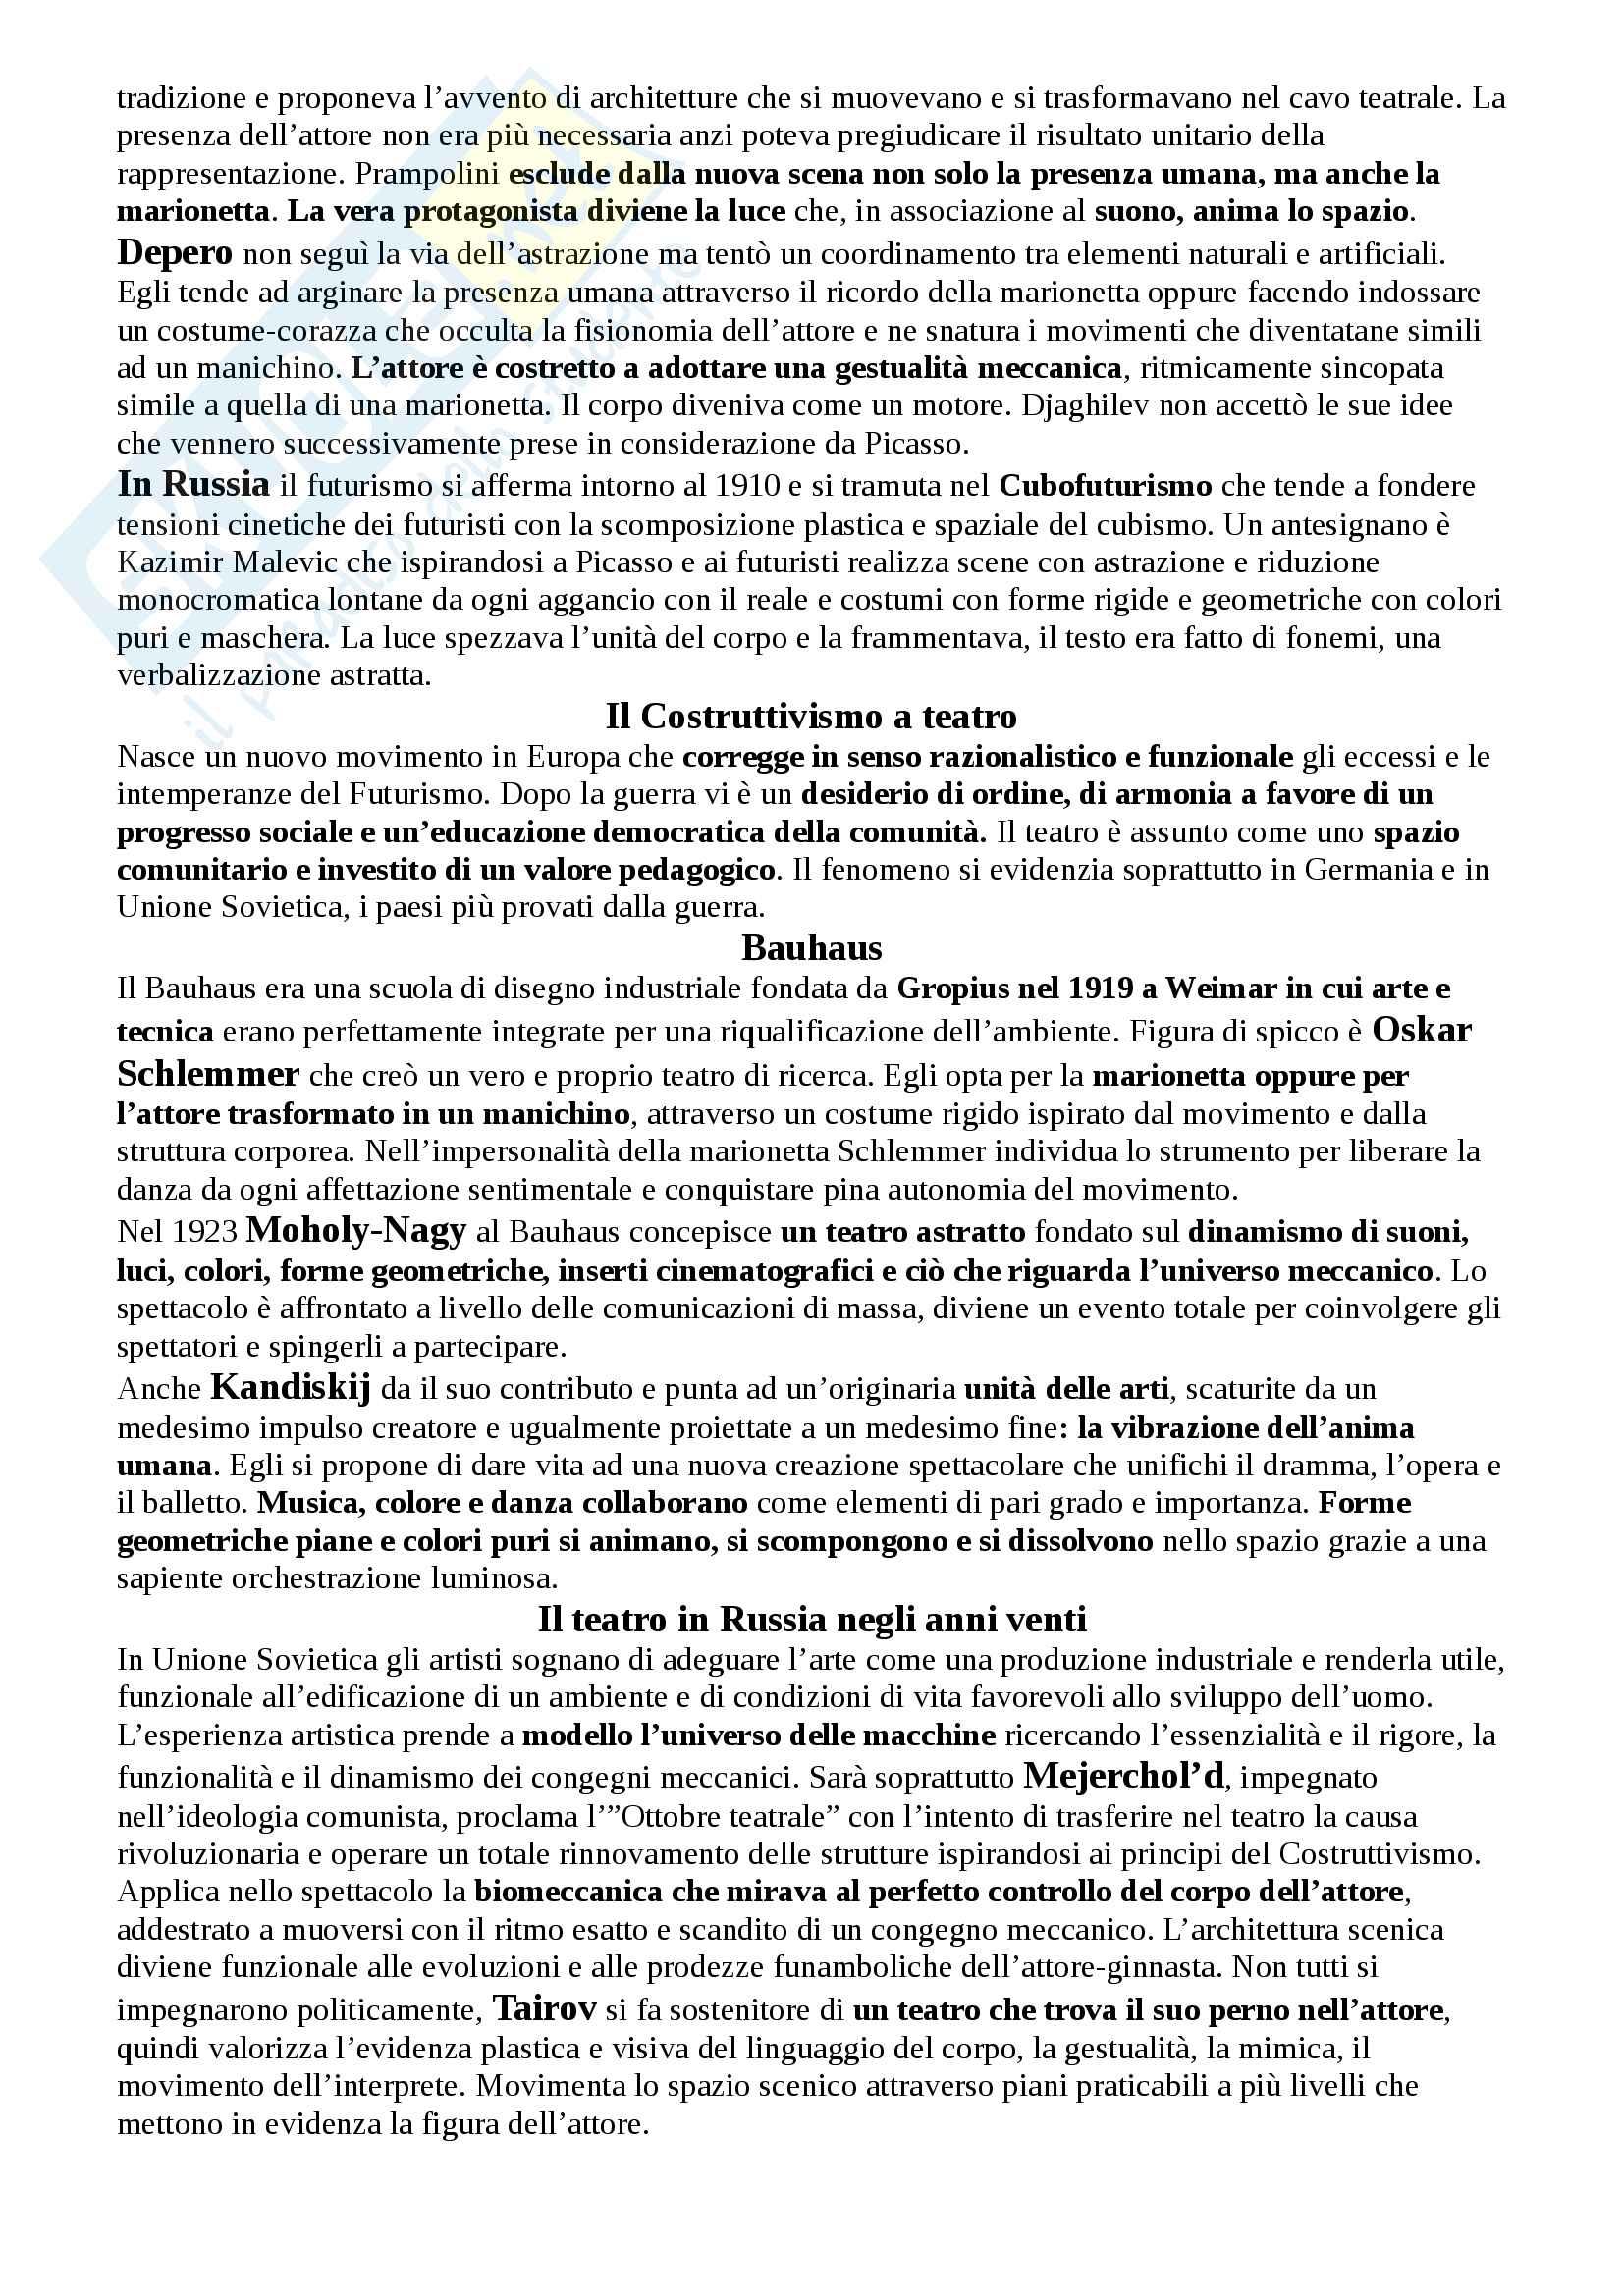 Riassunto esame Storia del teatro e dello spettacolo, prof. Egidio Pag. 16